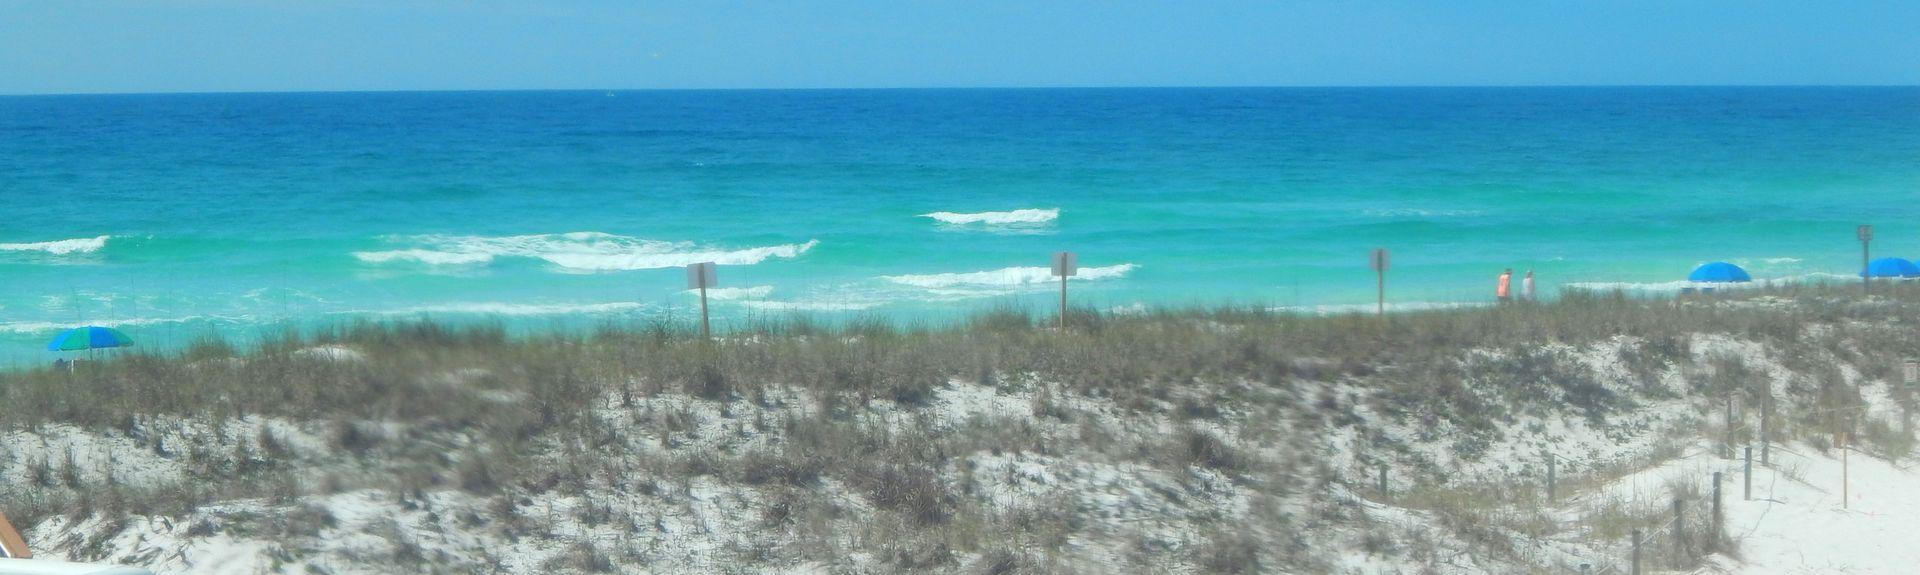 Sandpiper Cove (Destin, Florida, Estados Unidos)